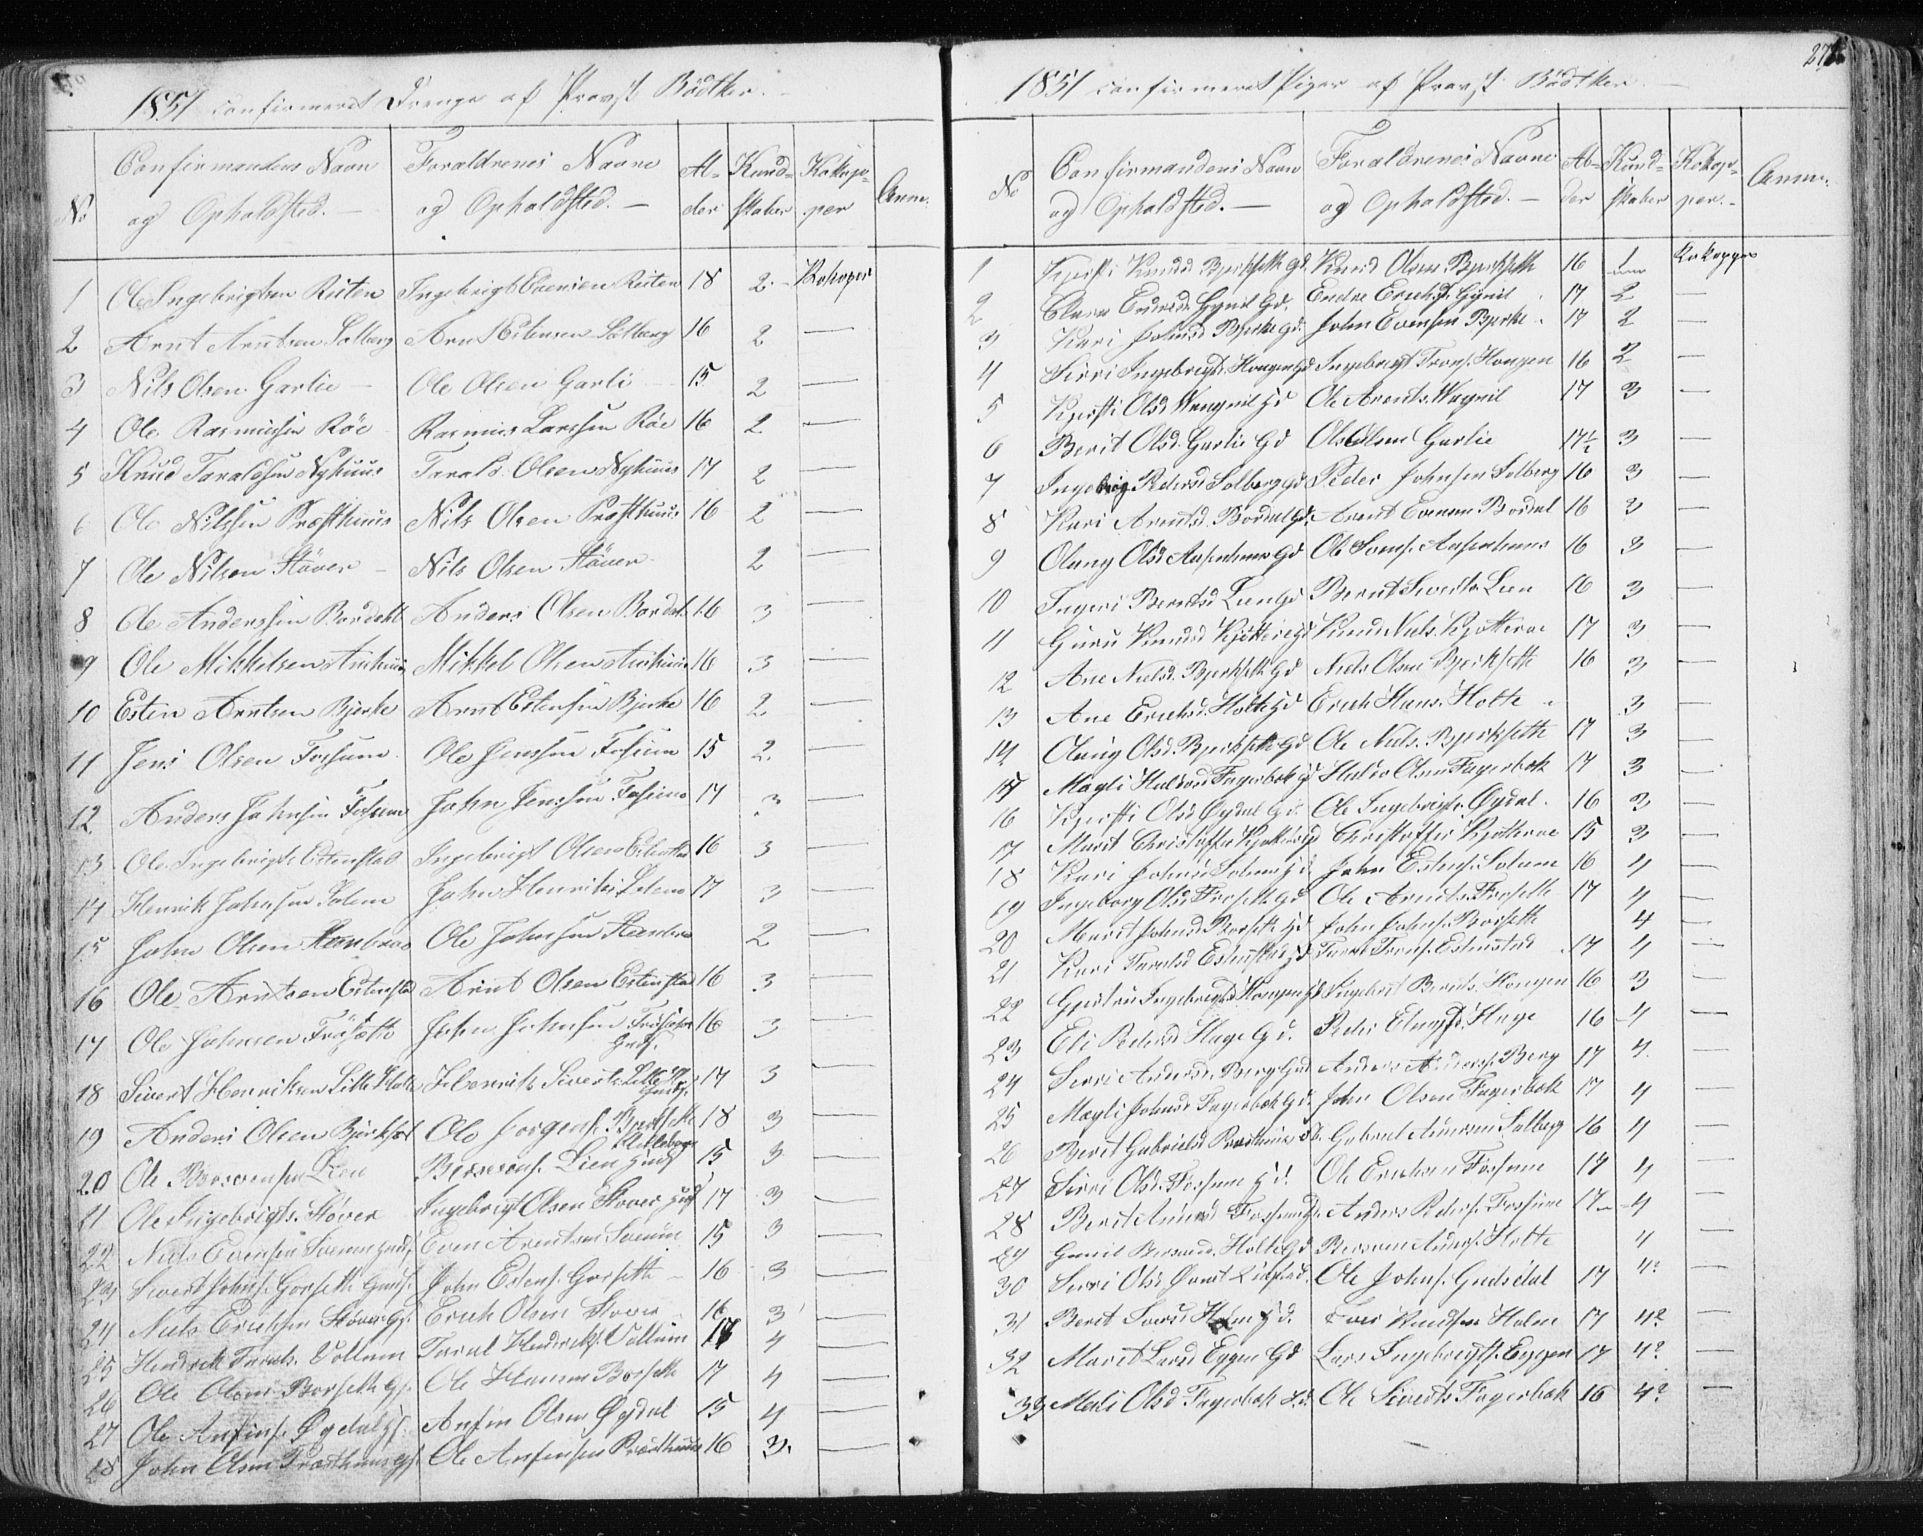 SAT, Ministerialprotokoller, klokkerbøker og fødselsregistre - Sør-Trøndelag, 689/L1043: Klokkerbok nr. 689C02, 1816-1892, s. 272